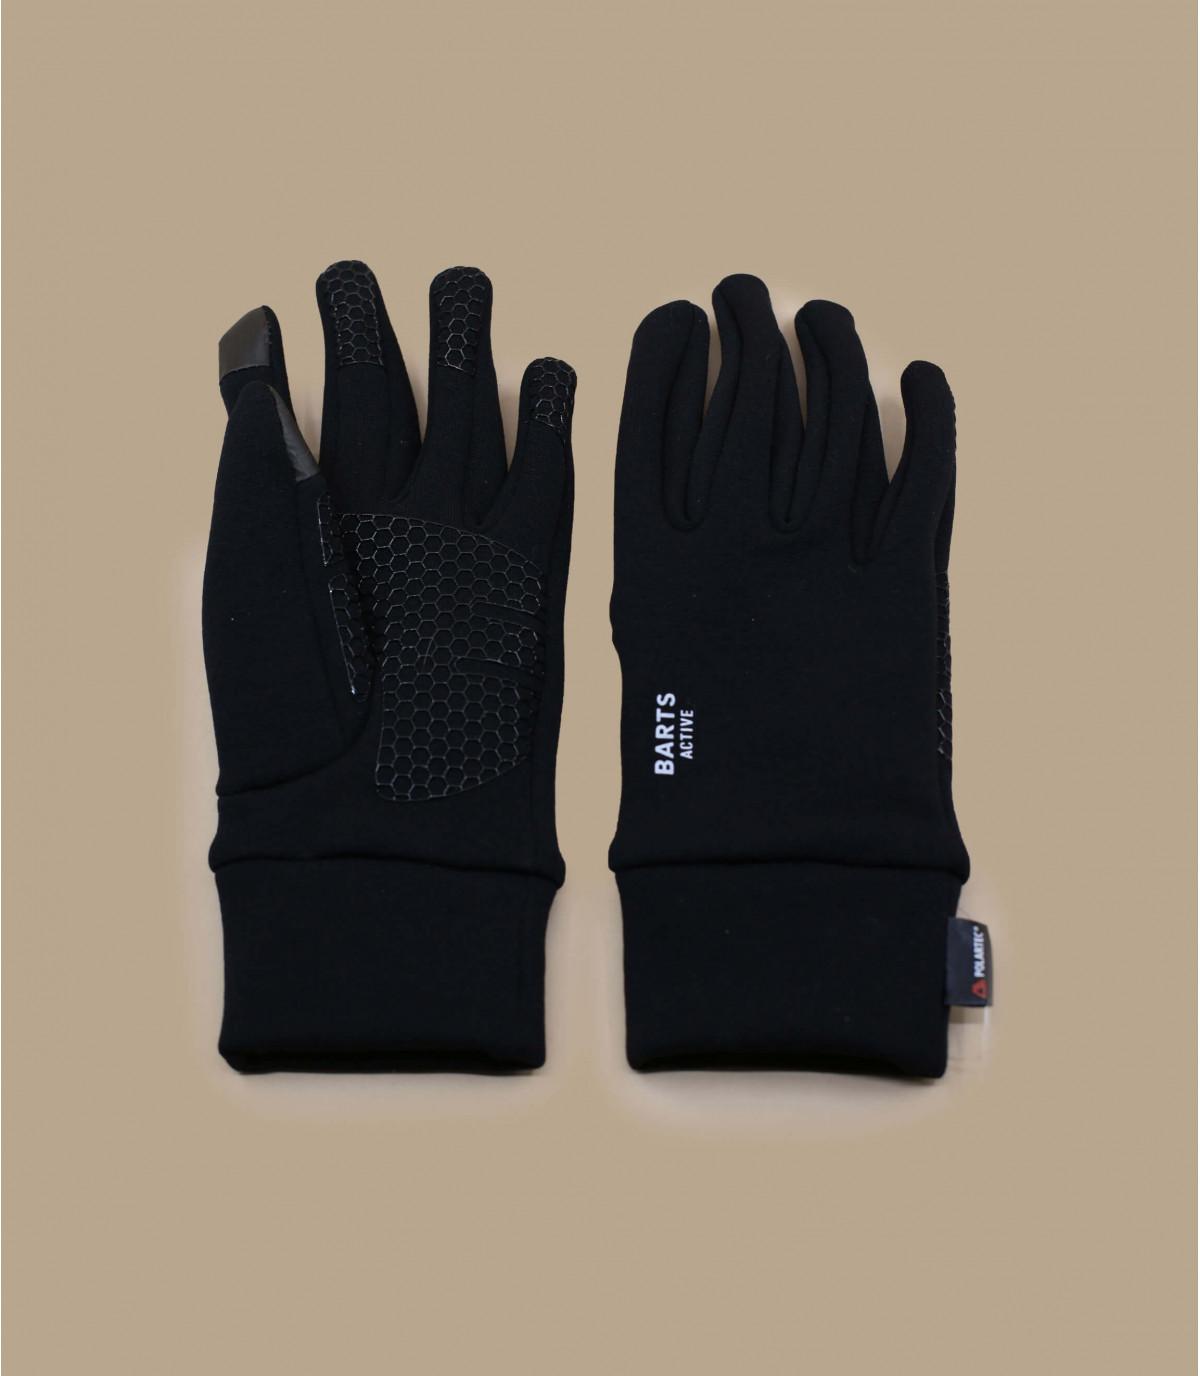 Black smartphone gloves